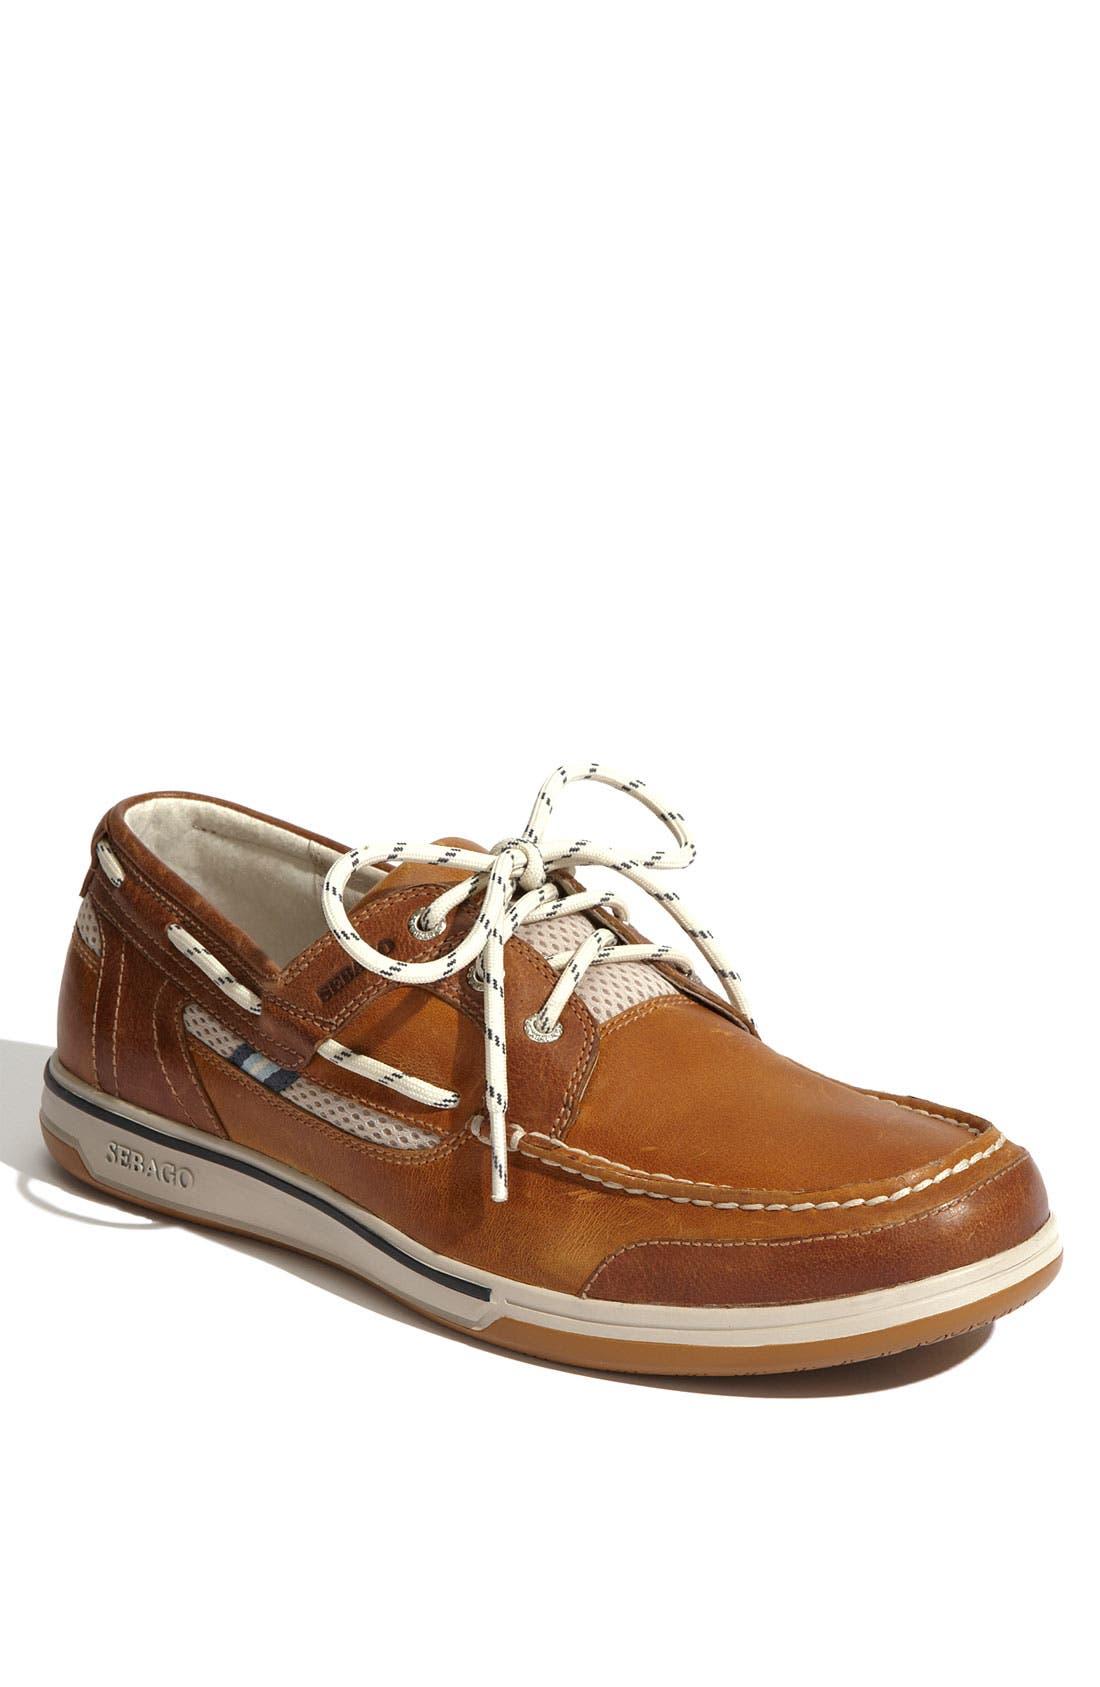 'Triton' Boat Shoe, Main, color, 236